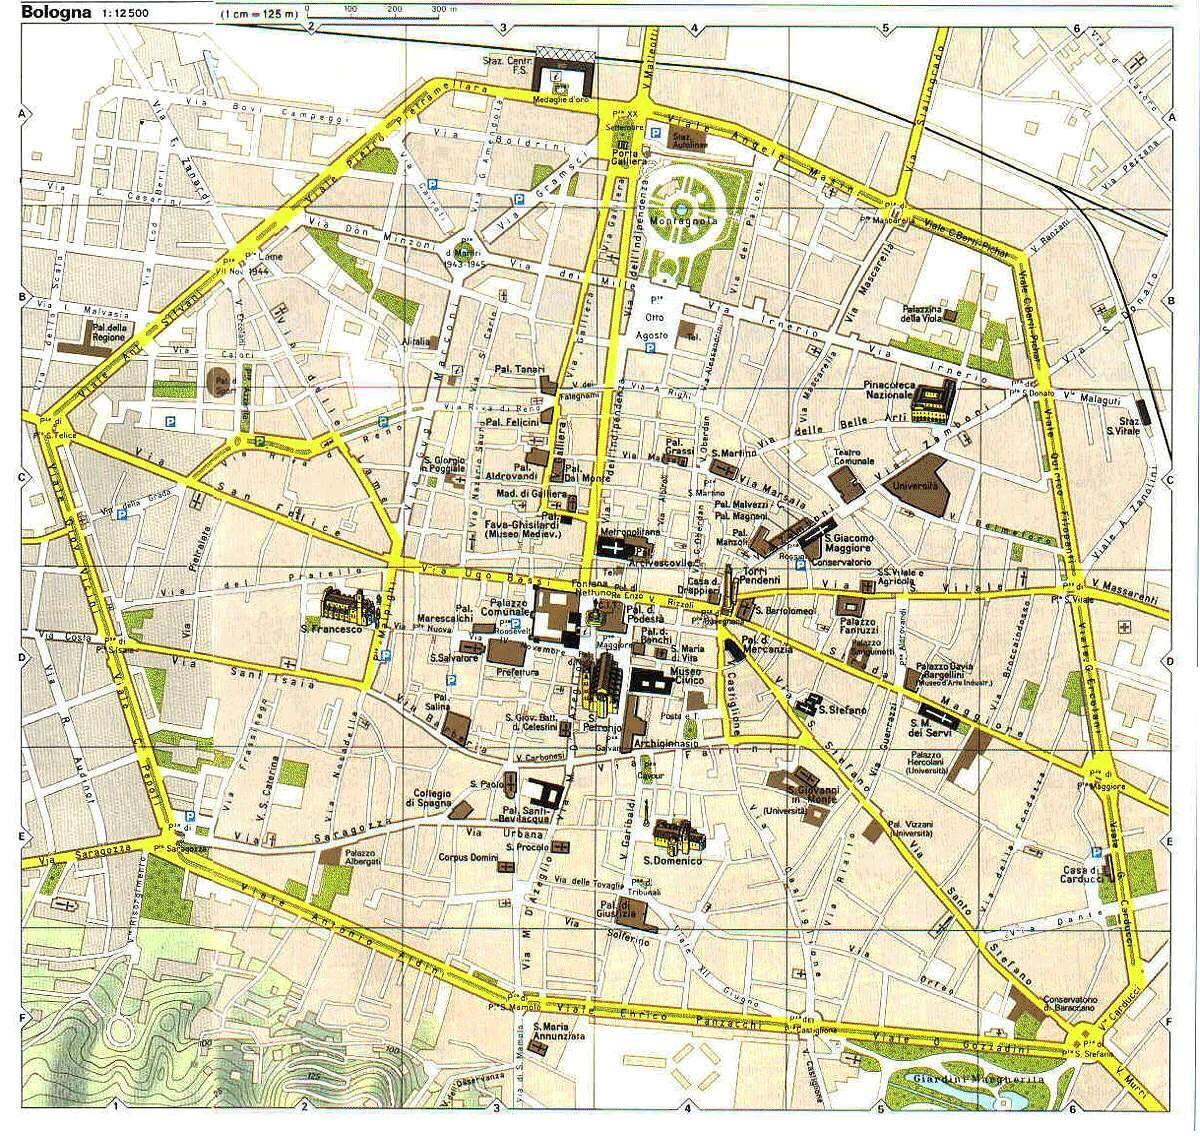 Map of Bologna EJ Emilia Romagna Italy Pinterest Bologna